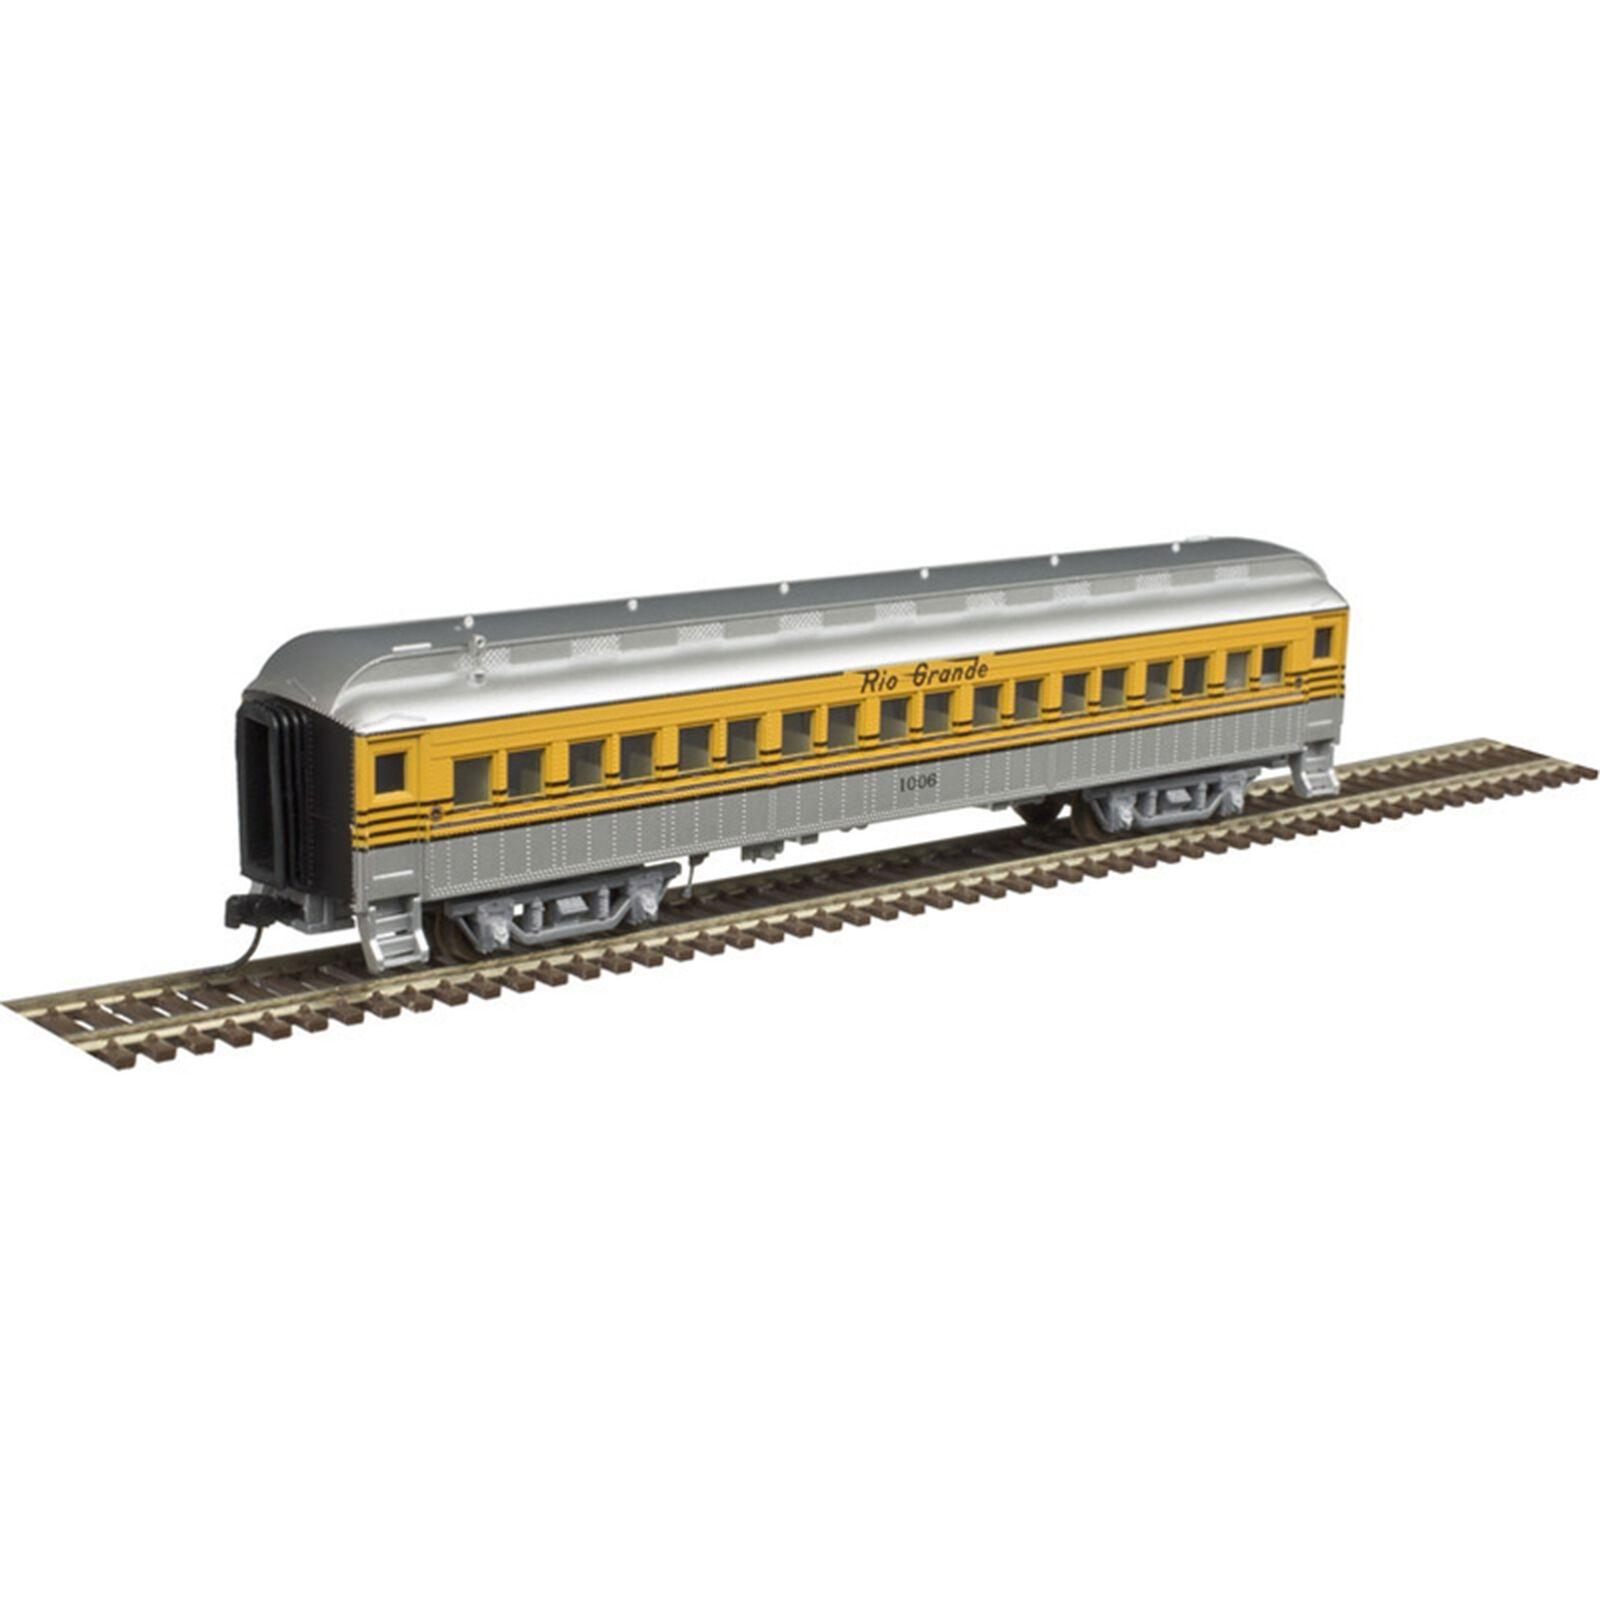 N Trainman 60' Coach D&RGW #1005